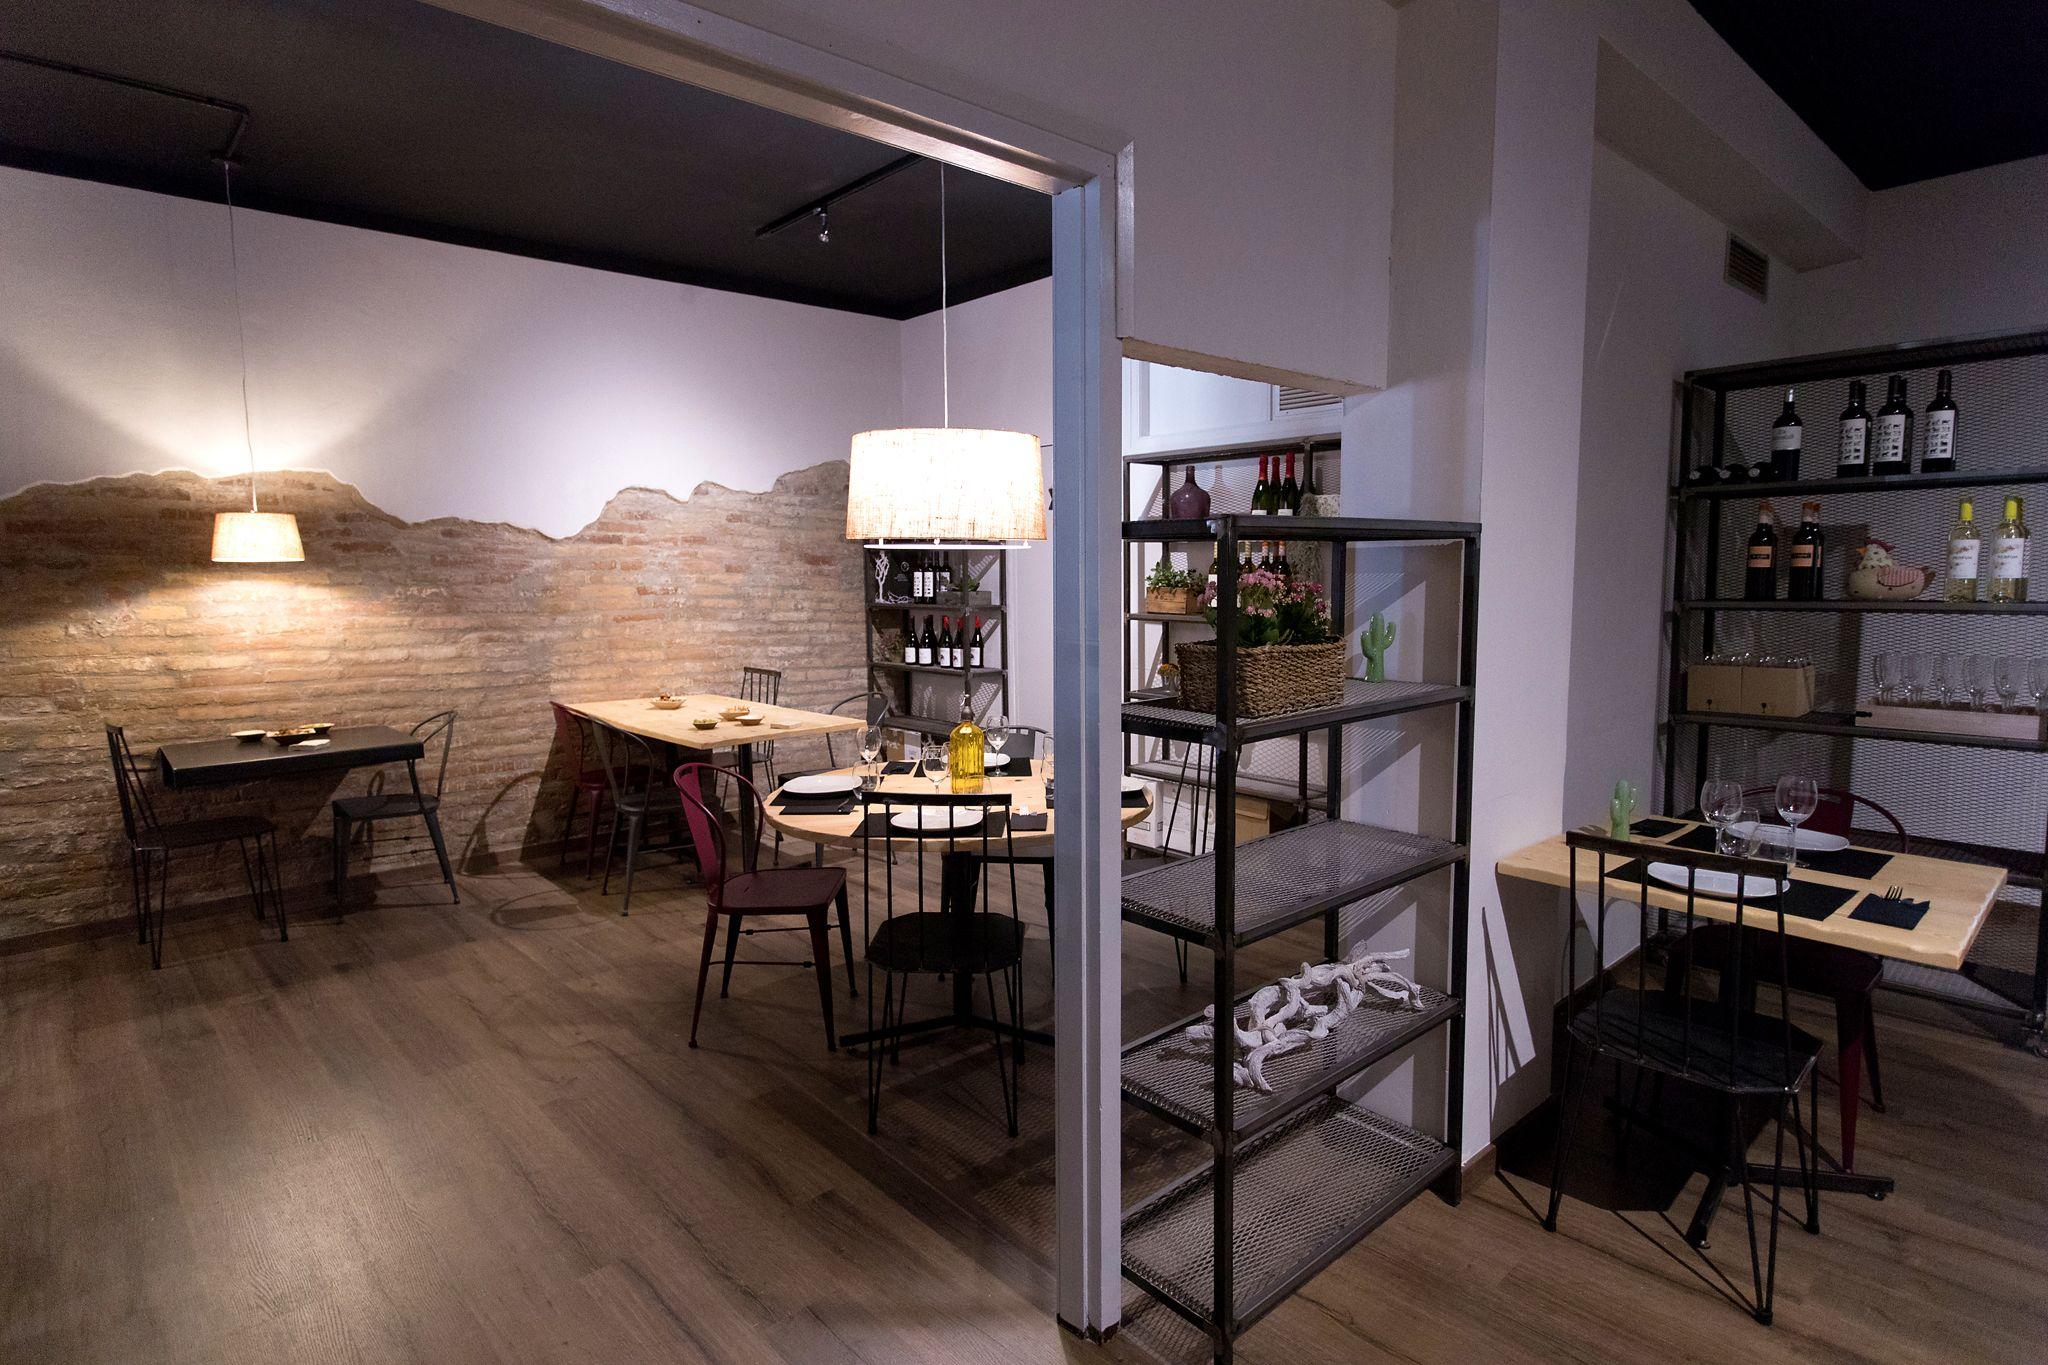 VdGust ofereix un menú gastronòmic amb concert i monòlegs FOTO: Cedida